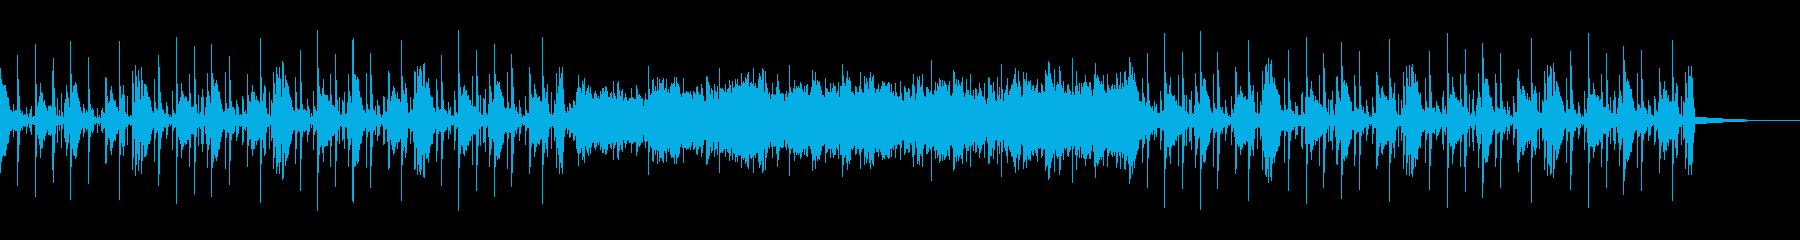 冷んやりとしたシリアスな雰囲気のBGMの再生済みの波形